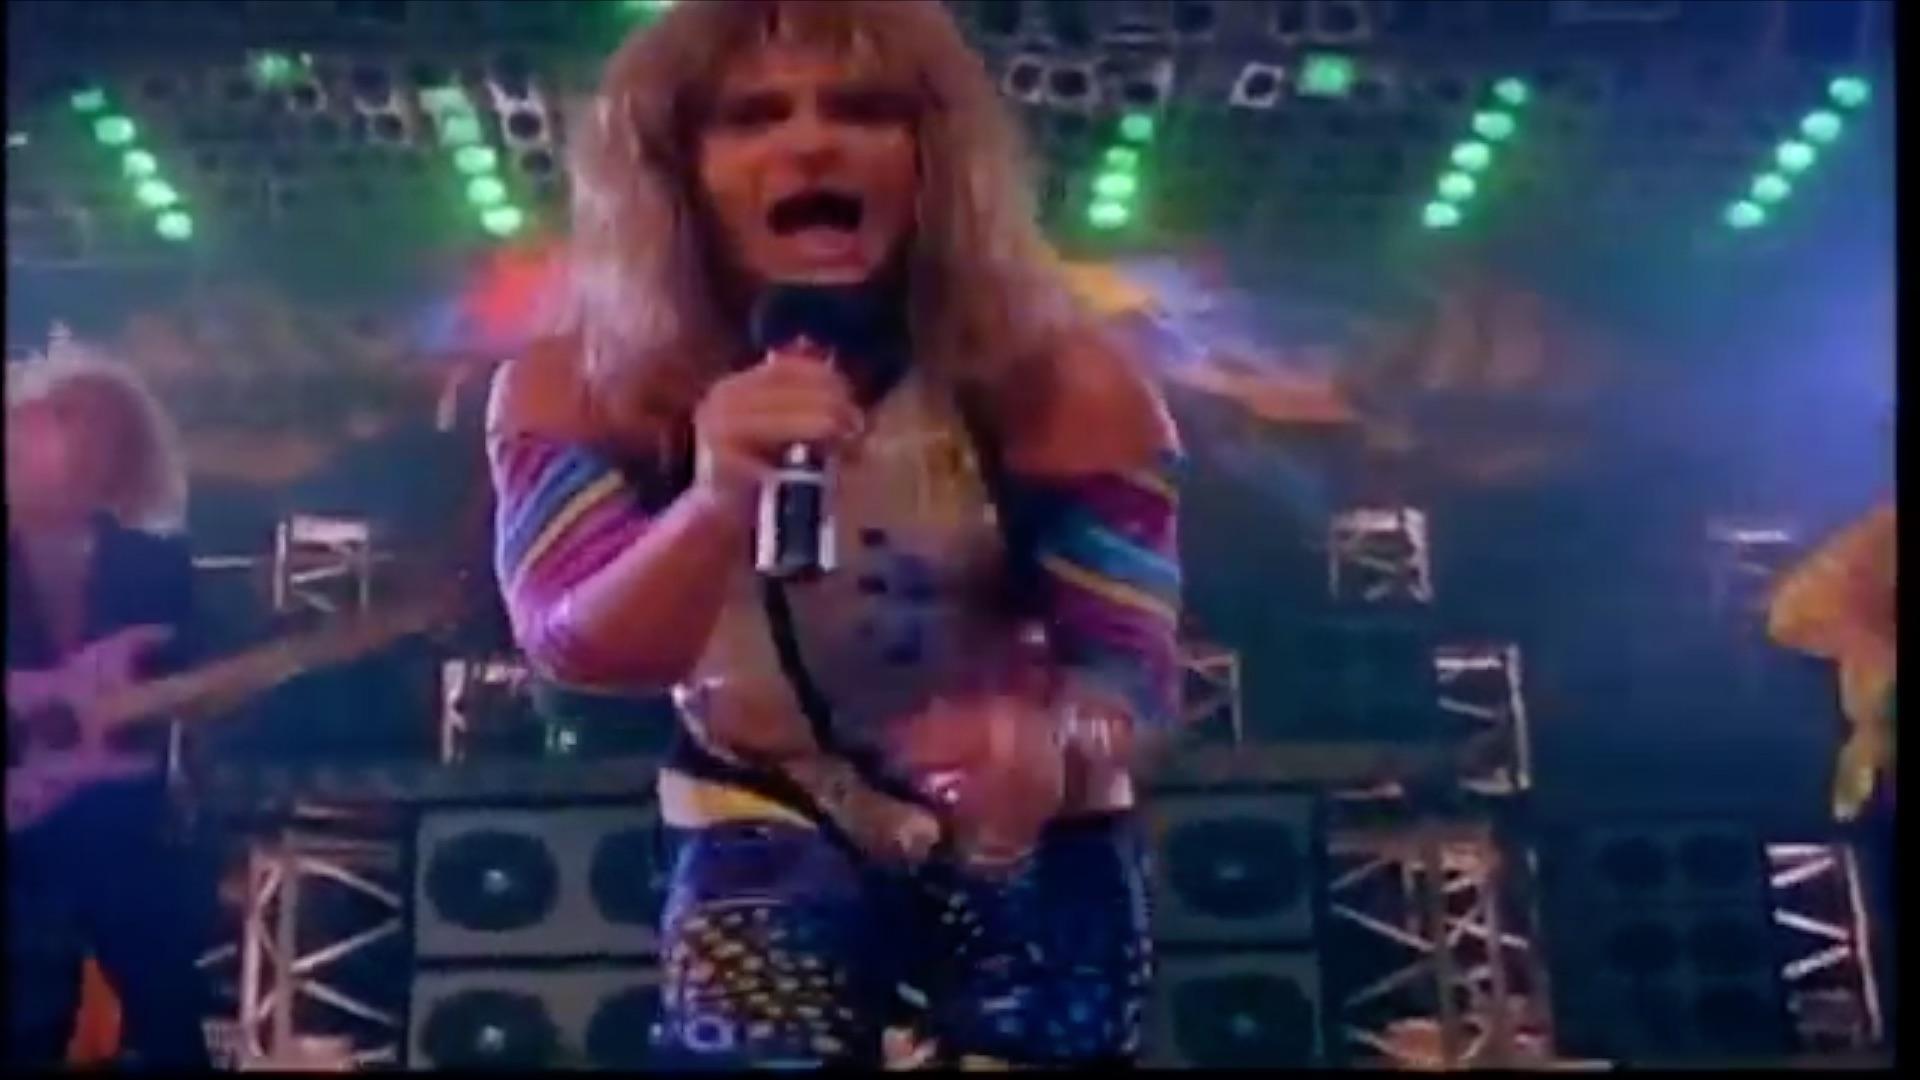 Mario Garcia Torres Falling Together in Time, n.d. Eddie Van Halen